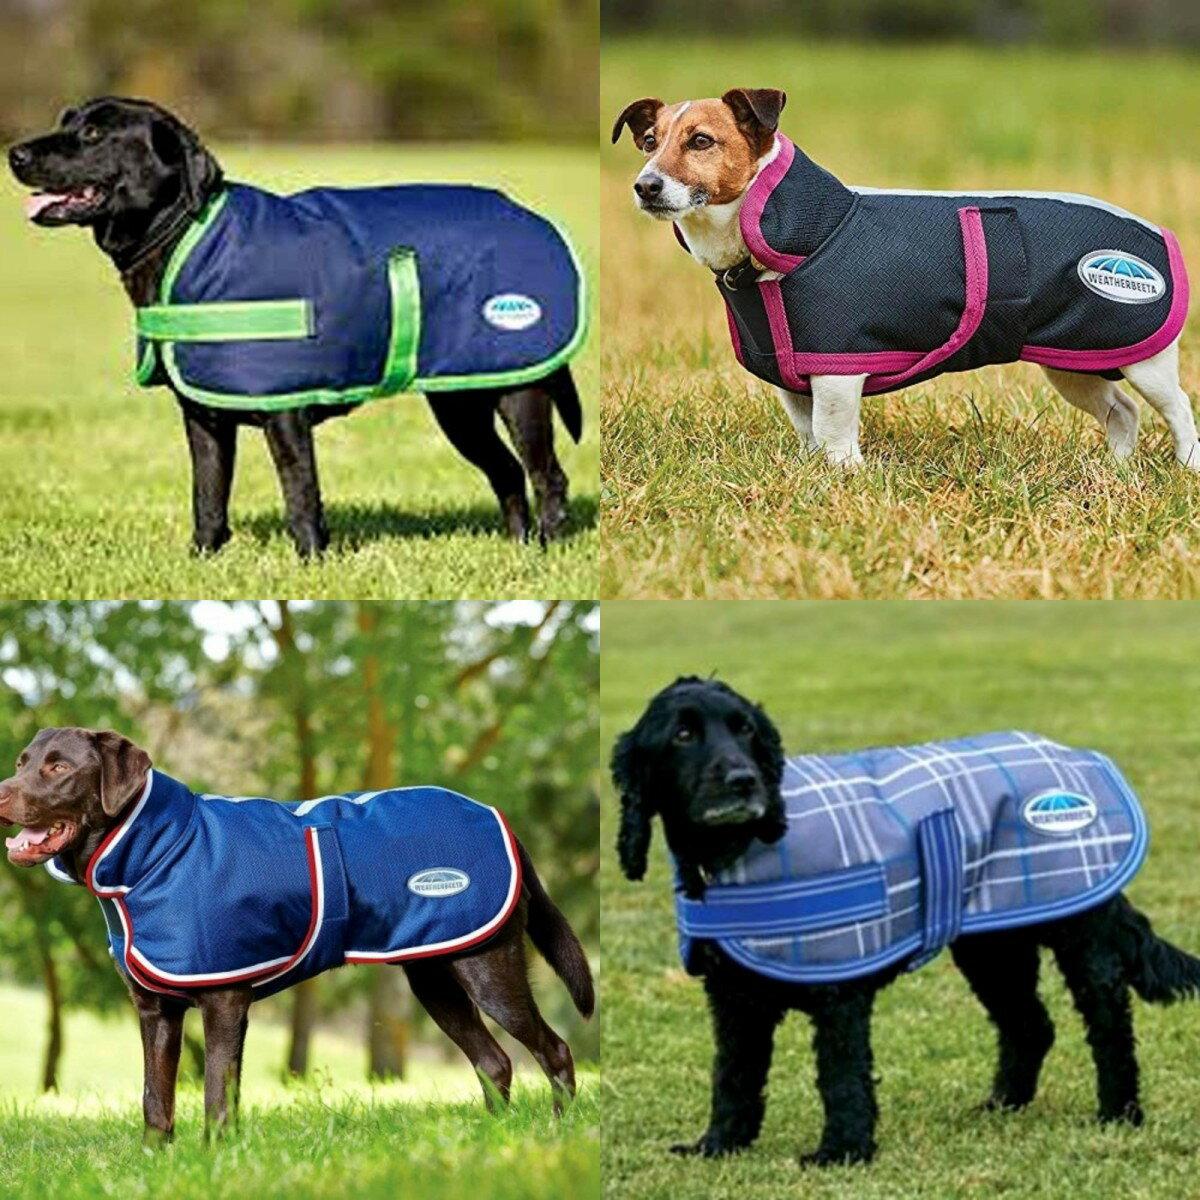 (ウェザビータ)Weatherbeetaワンちゃん用パーカ1200デニールデラックスドッグコート犬用